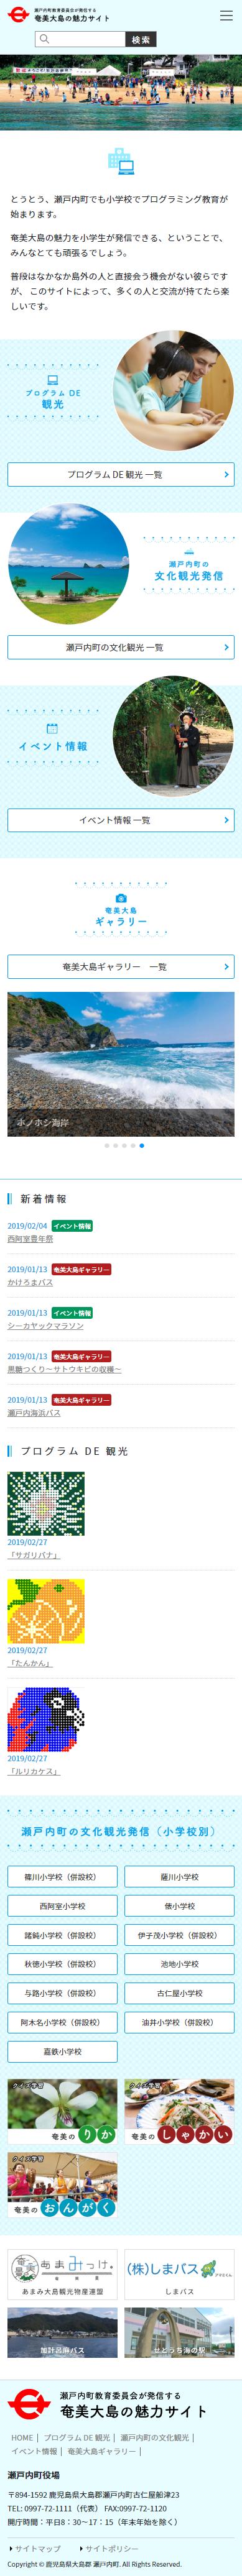 瀬戸内町教育委員会が発信する 奄美大島の魅力サイト スマホ版